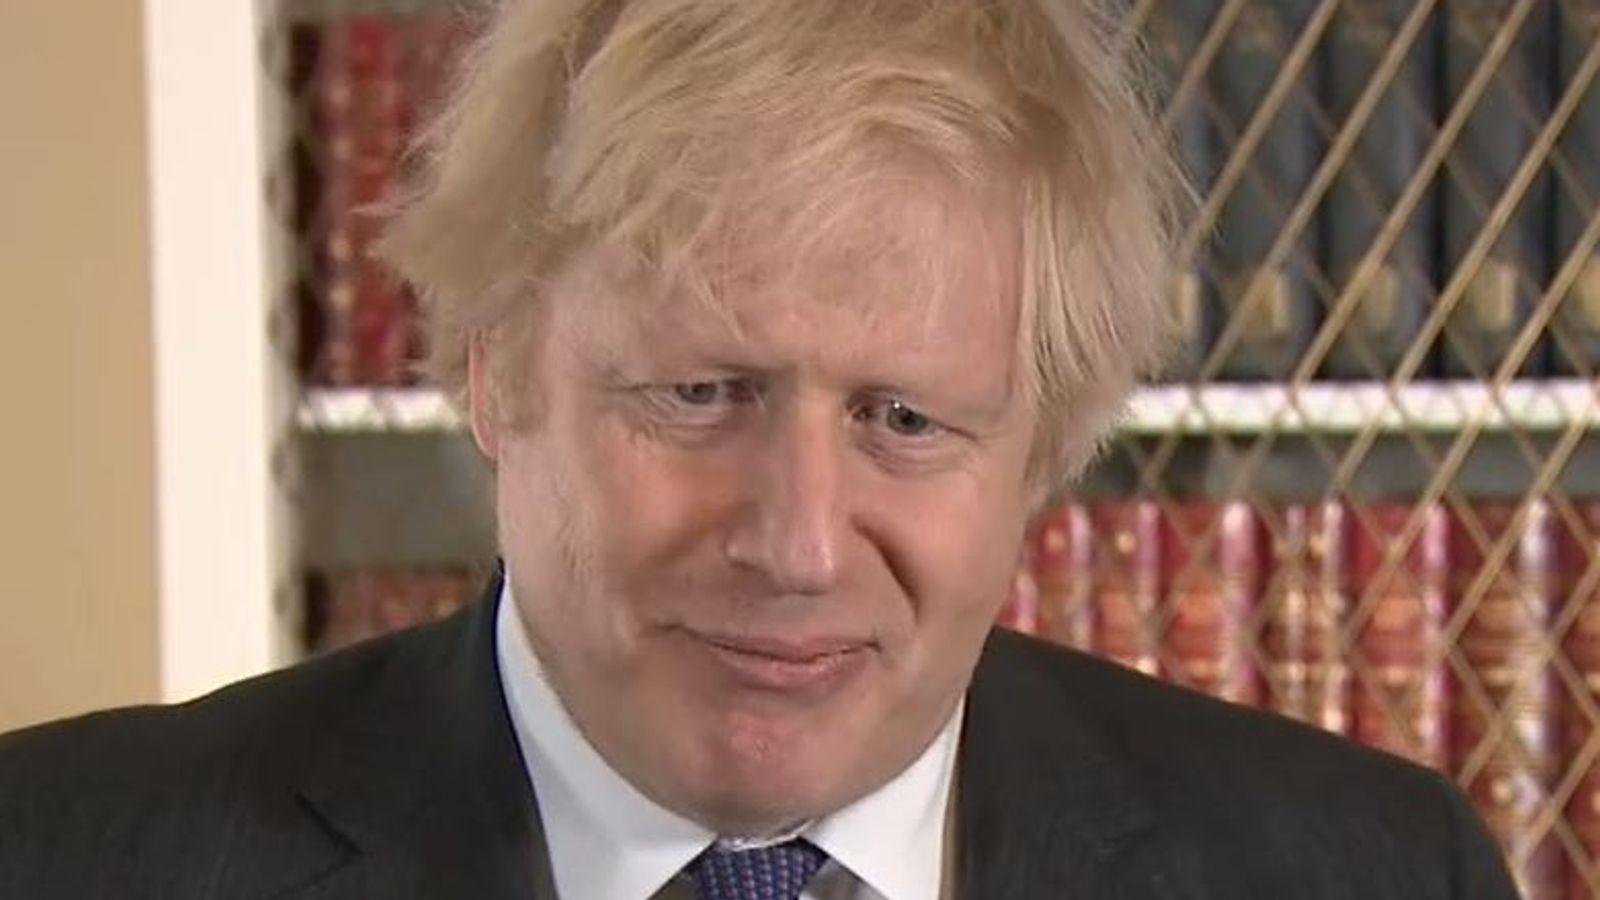 Is Joe Biden woke? Boris Johnson says there's 'nothing wrong' if he is - Sky News